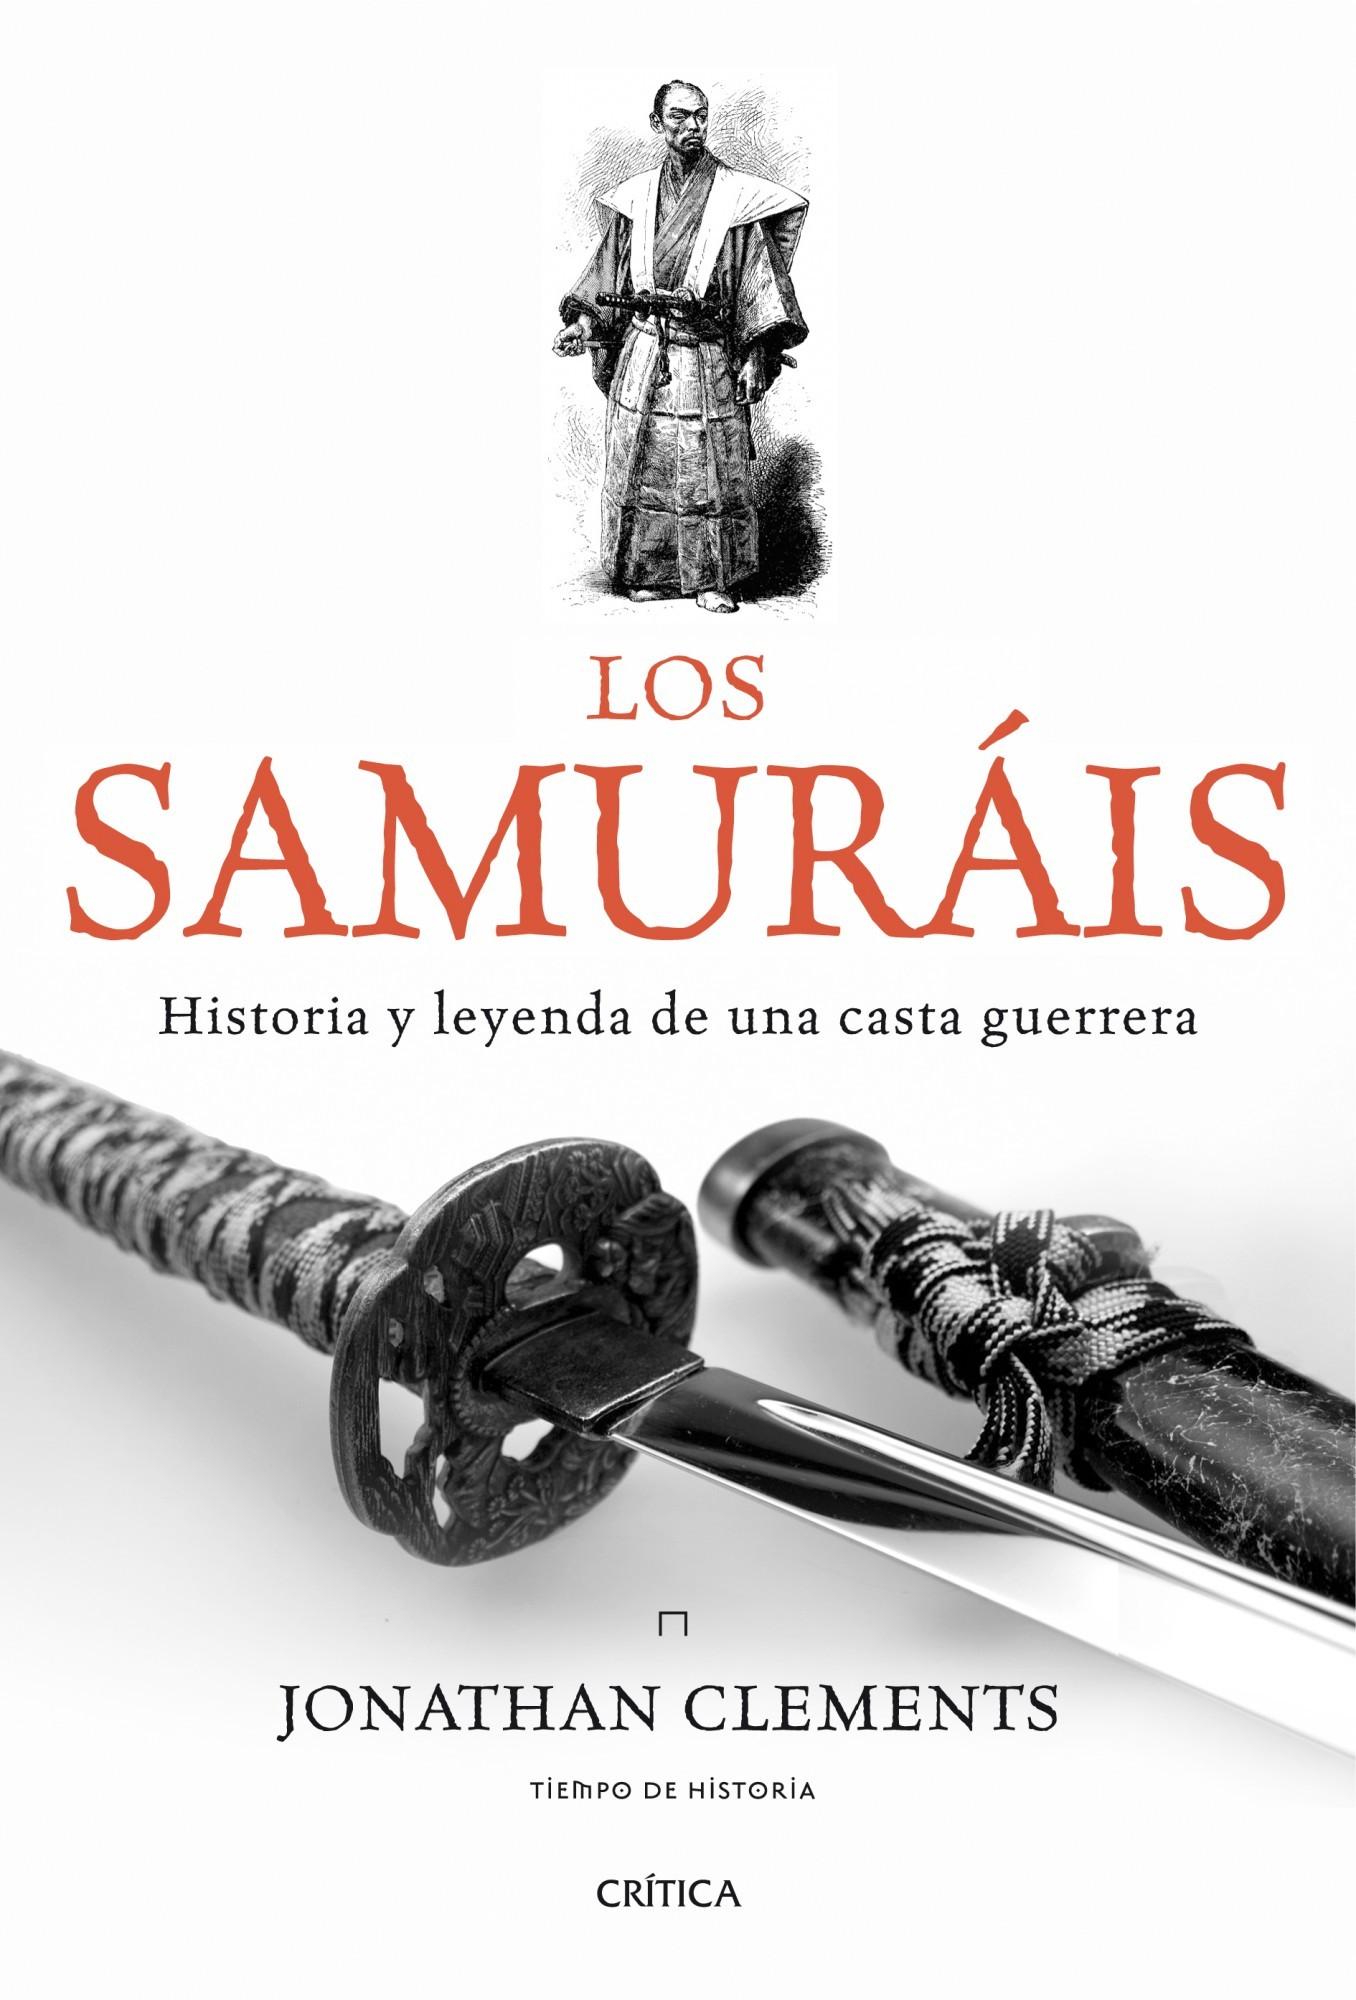 LOS SAMURÁIS: HISTORIA Y LEYENDA DE UNA CASTA GUERRERA